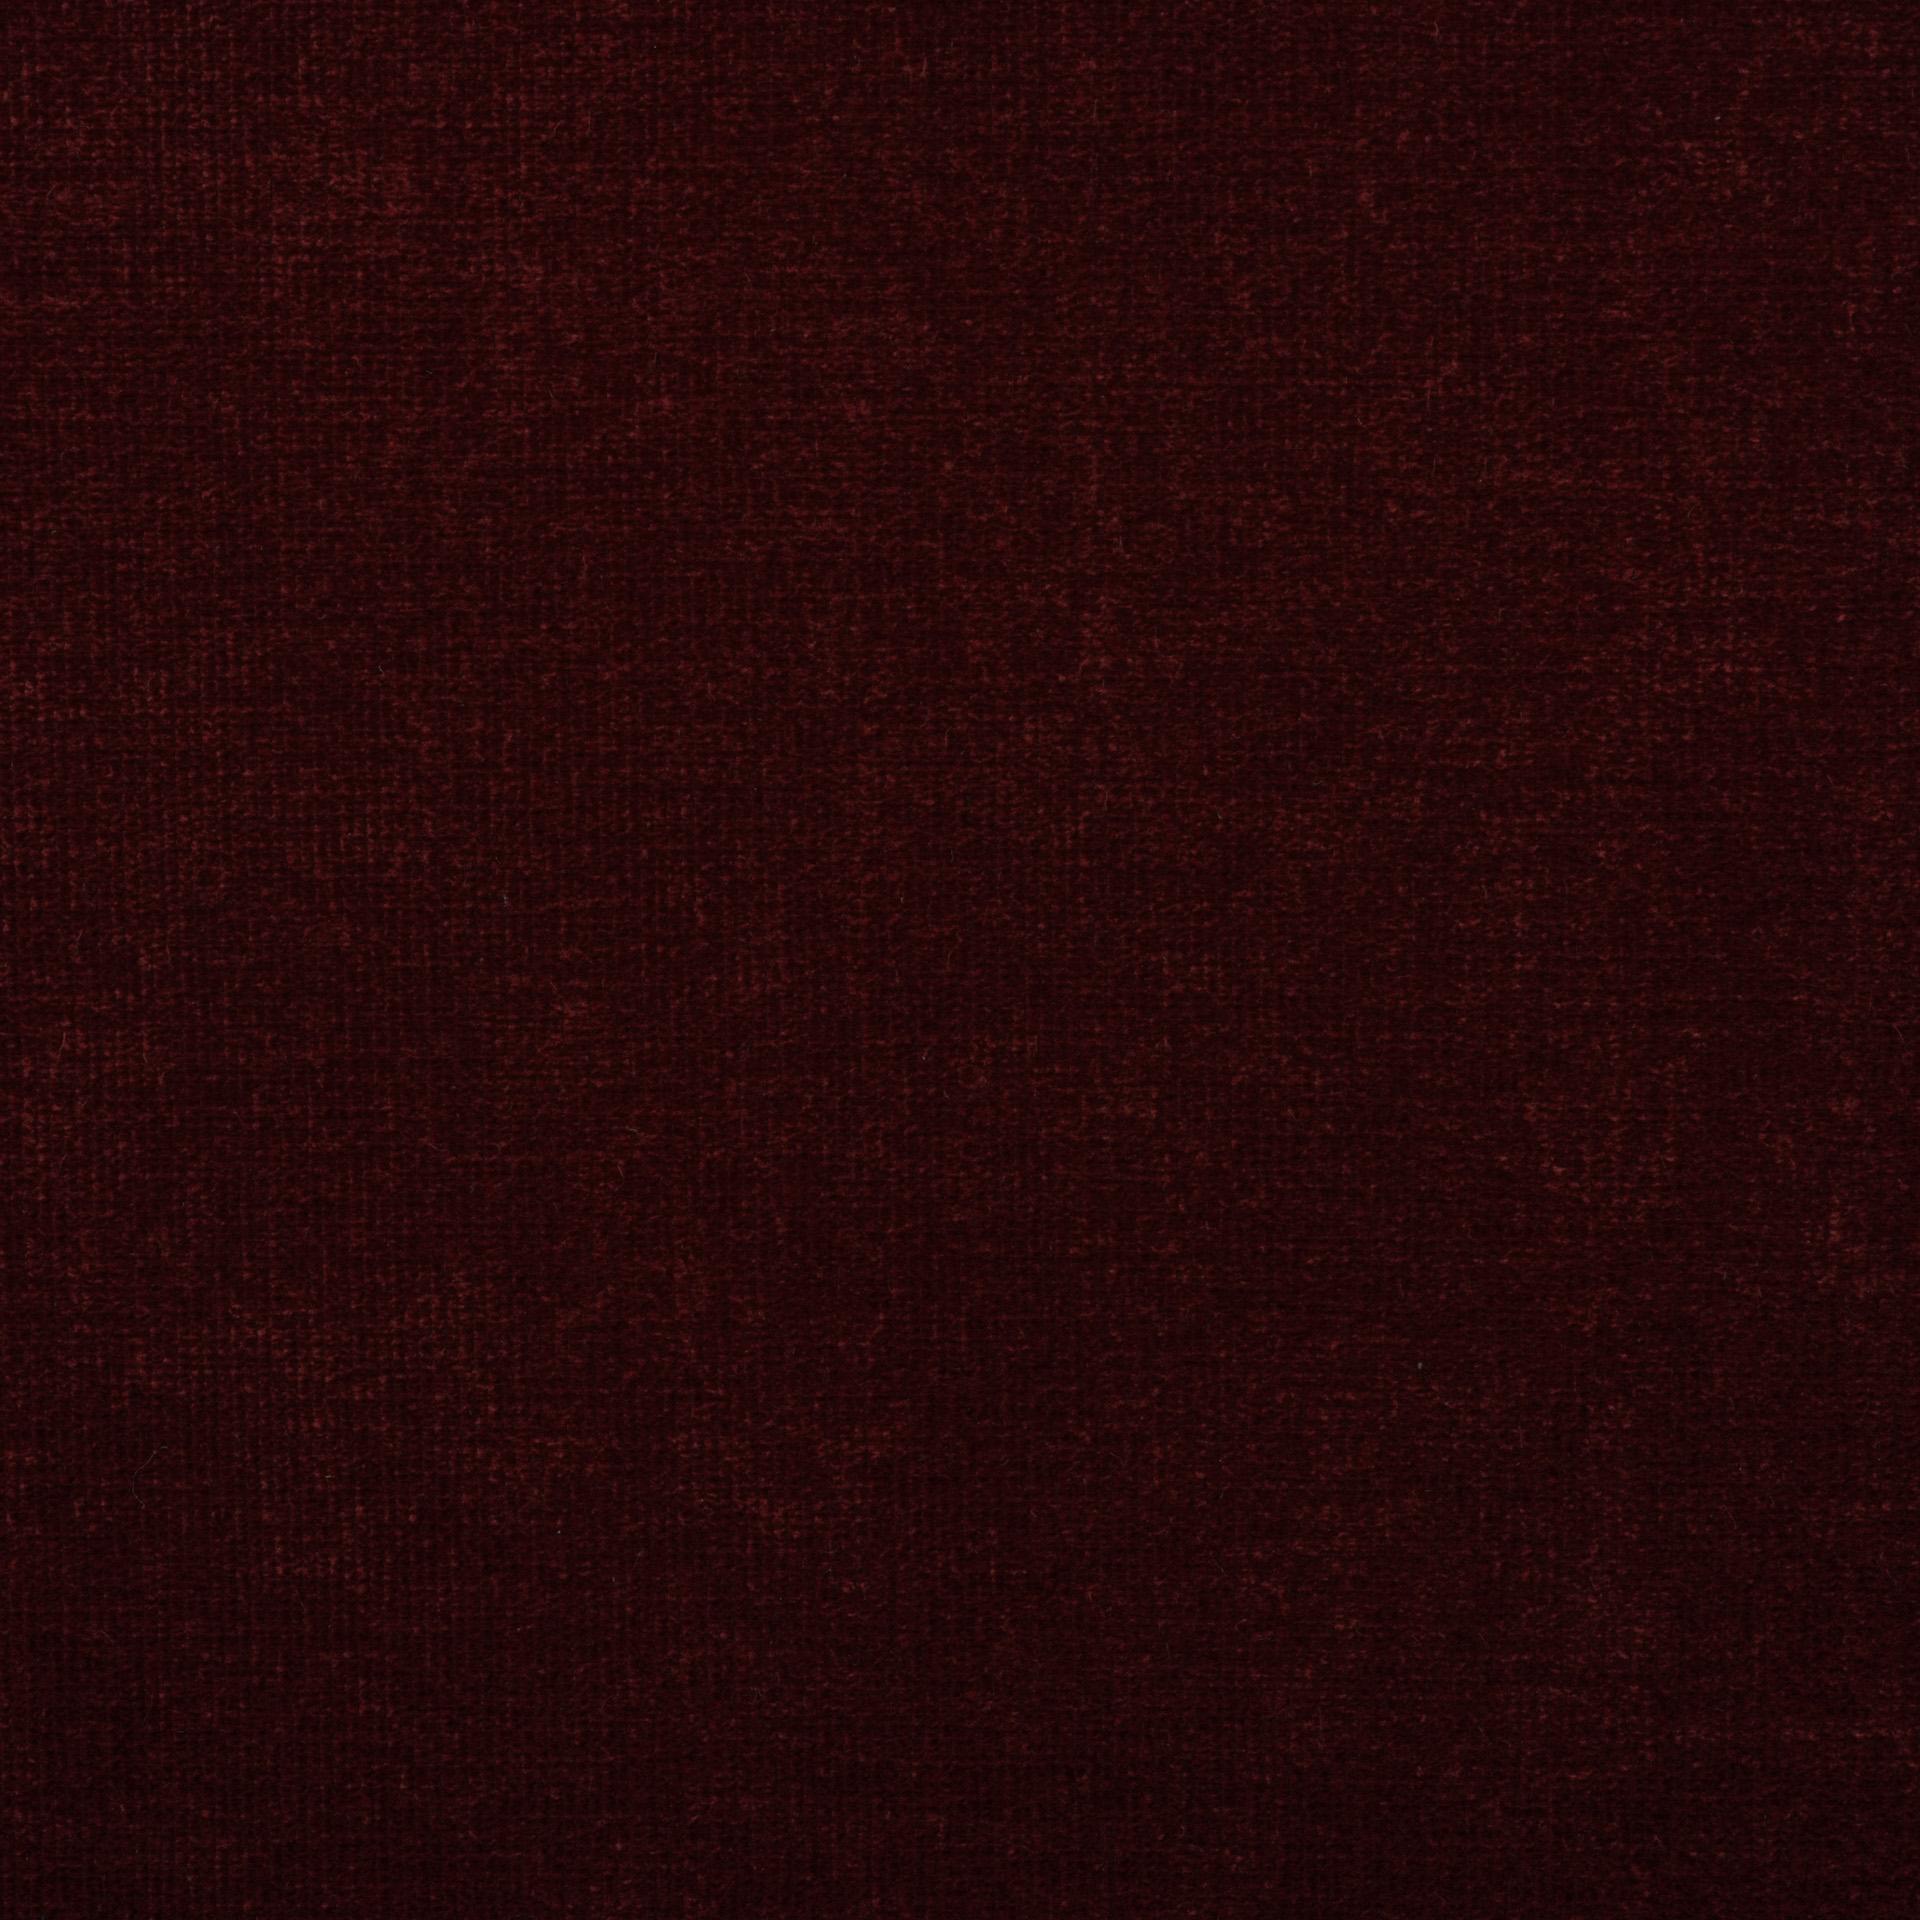 Коллекция ткани Кордрой 203,  купить ткань Велюр для мебели Украина